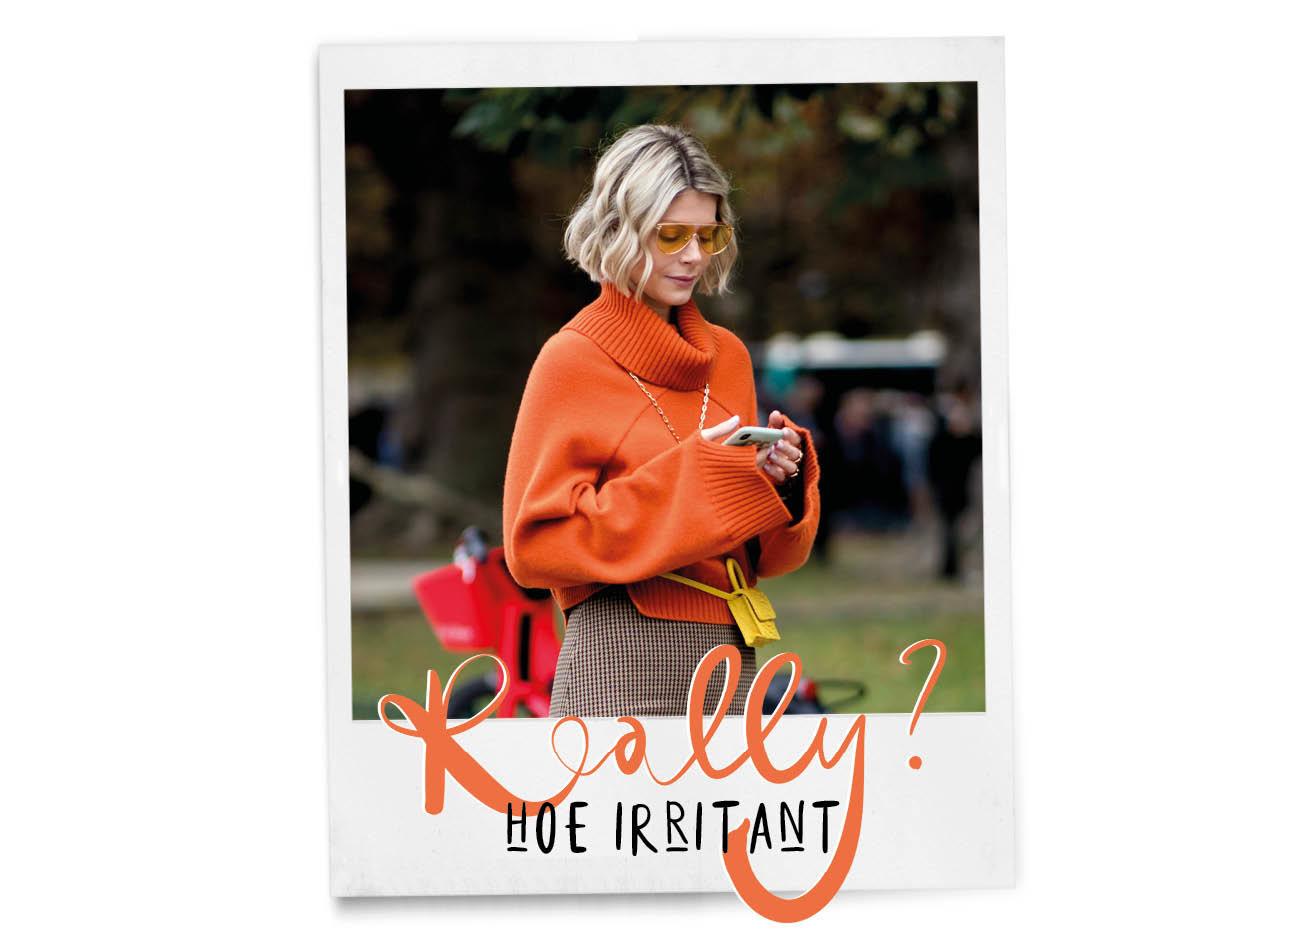 vrouw oranje trui aan kijkend naar haar telefoon